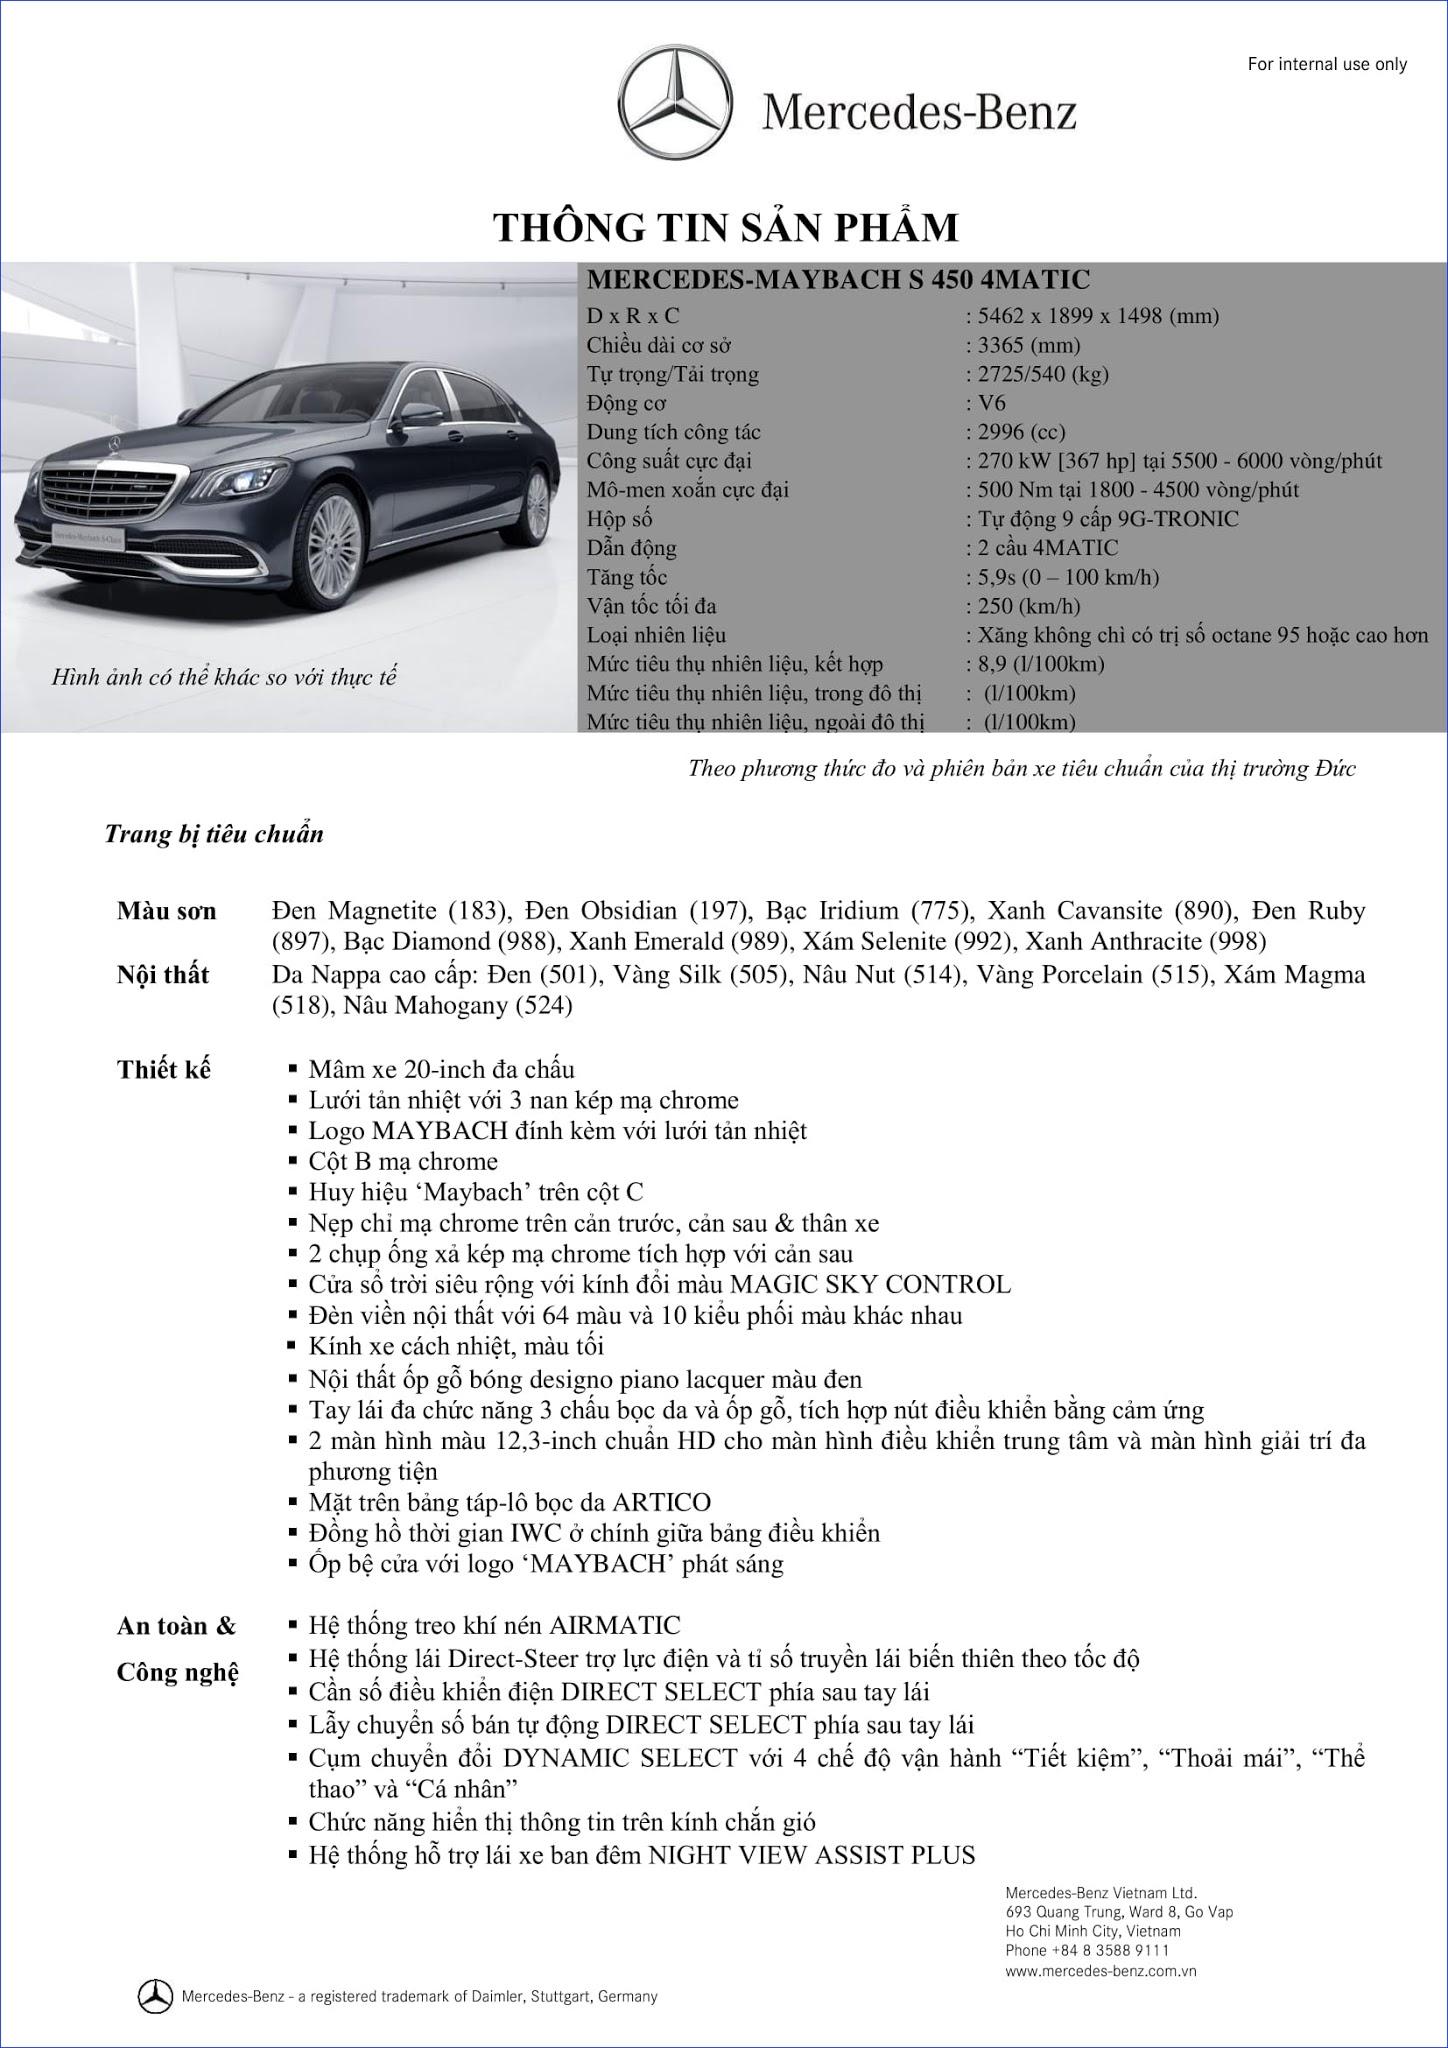 Bảng thông số kỹ thuật Mercedes Maybach S450 4MATIC 2018 tại Mercedes Trường Chinh